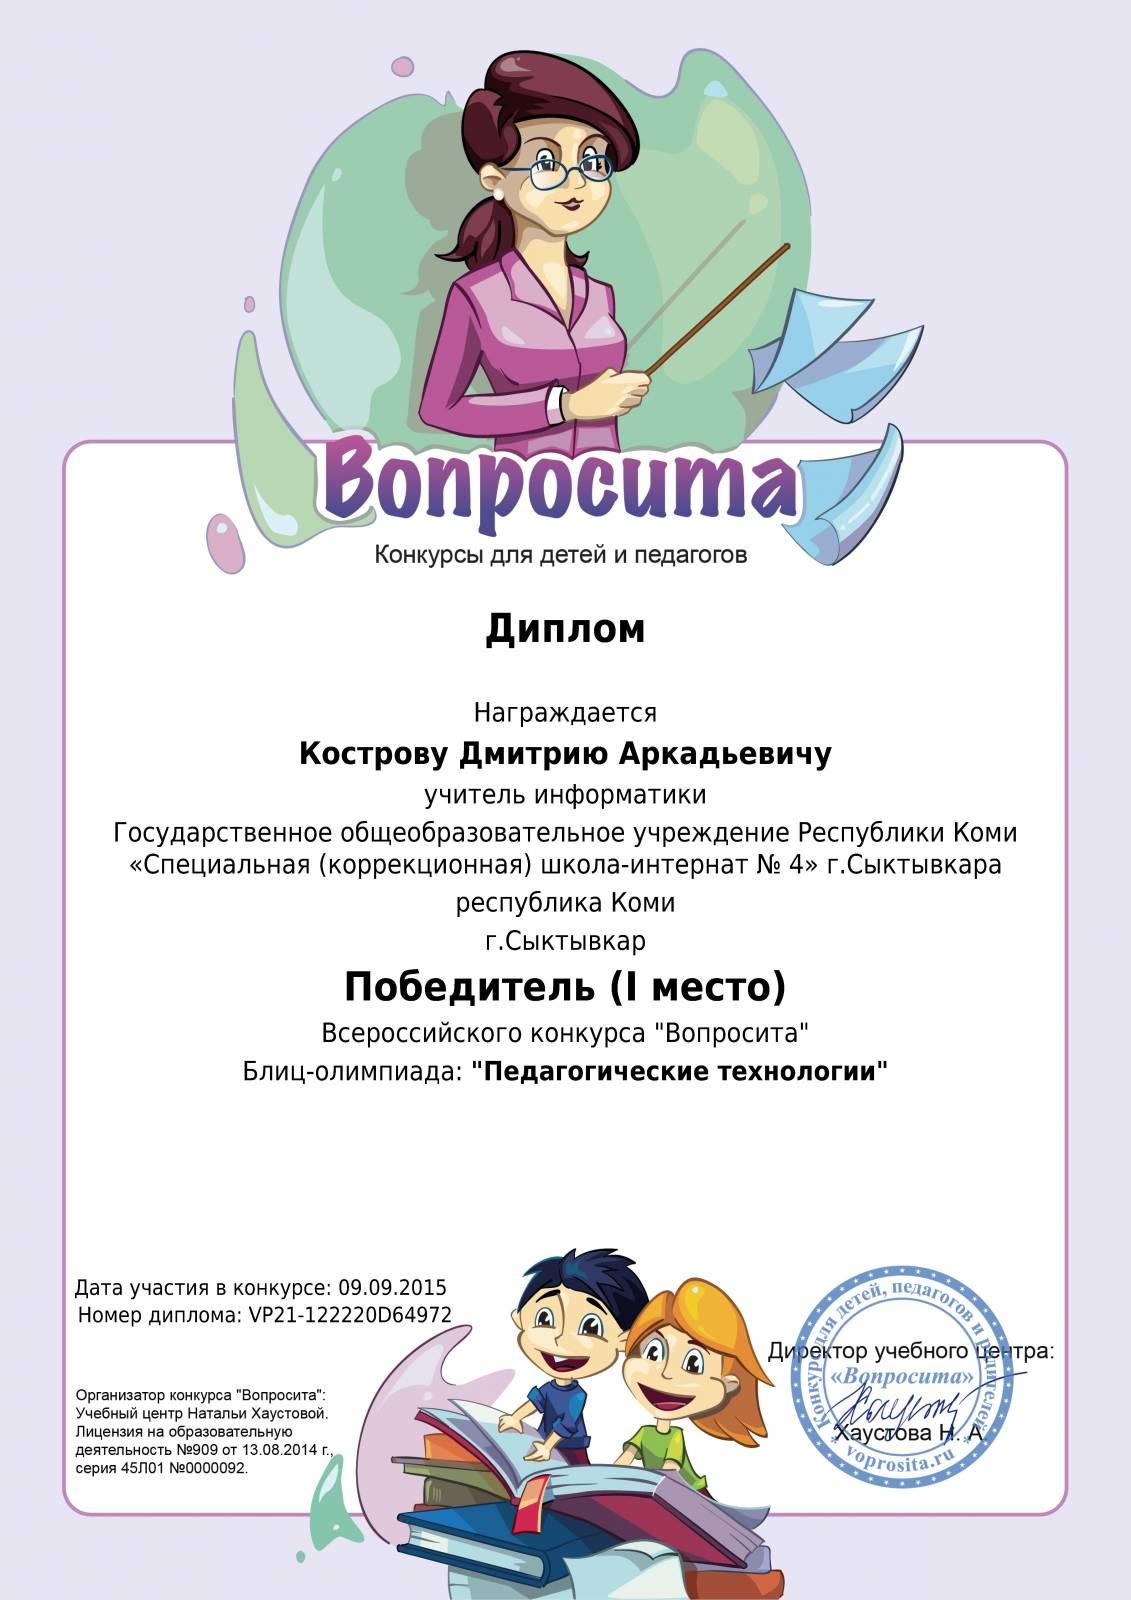 Вопросита блиц олимпиада конкурс для педагогов и детей регистрация